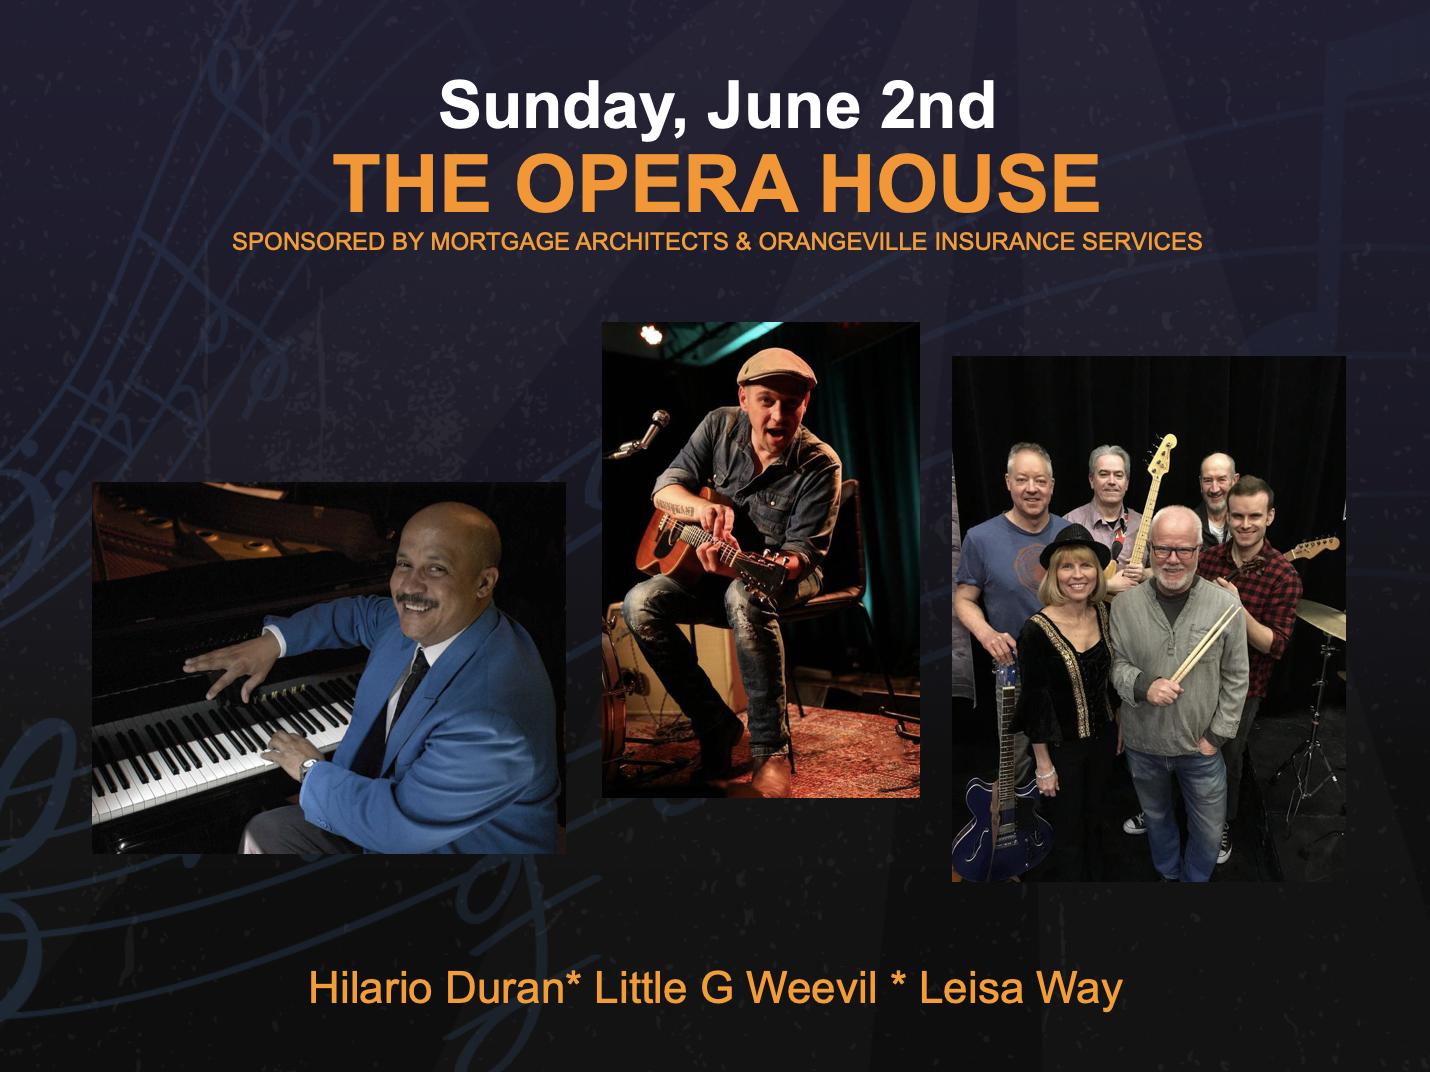 Opera House – Sunday